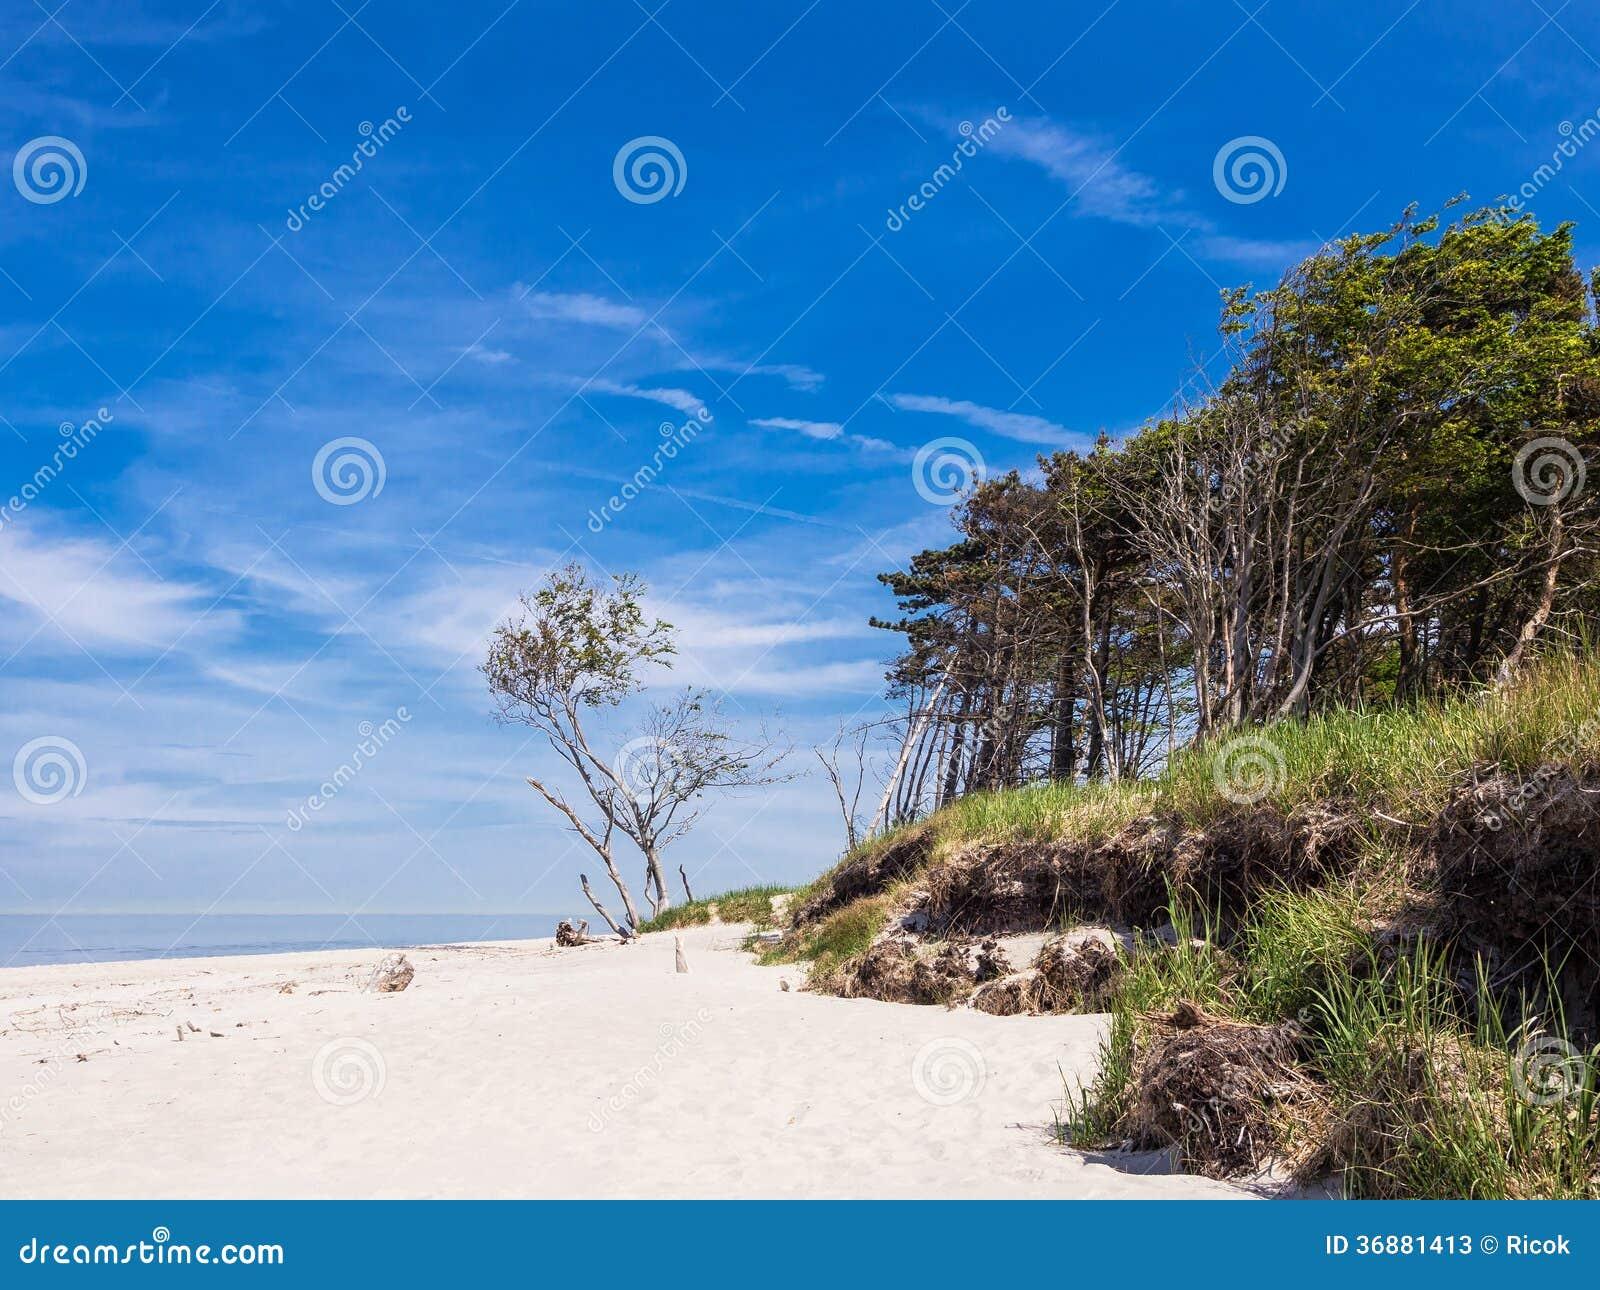 Download Mar Baltico immagine stock. Immagine di paesaggio, filiali - 36881413